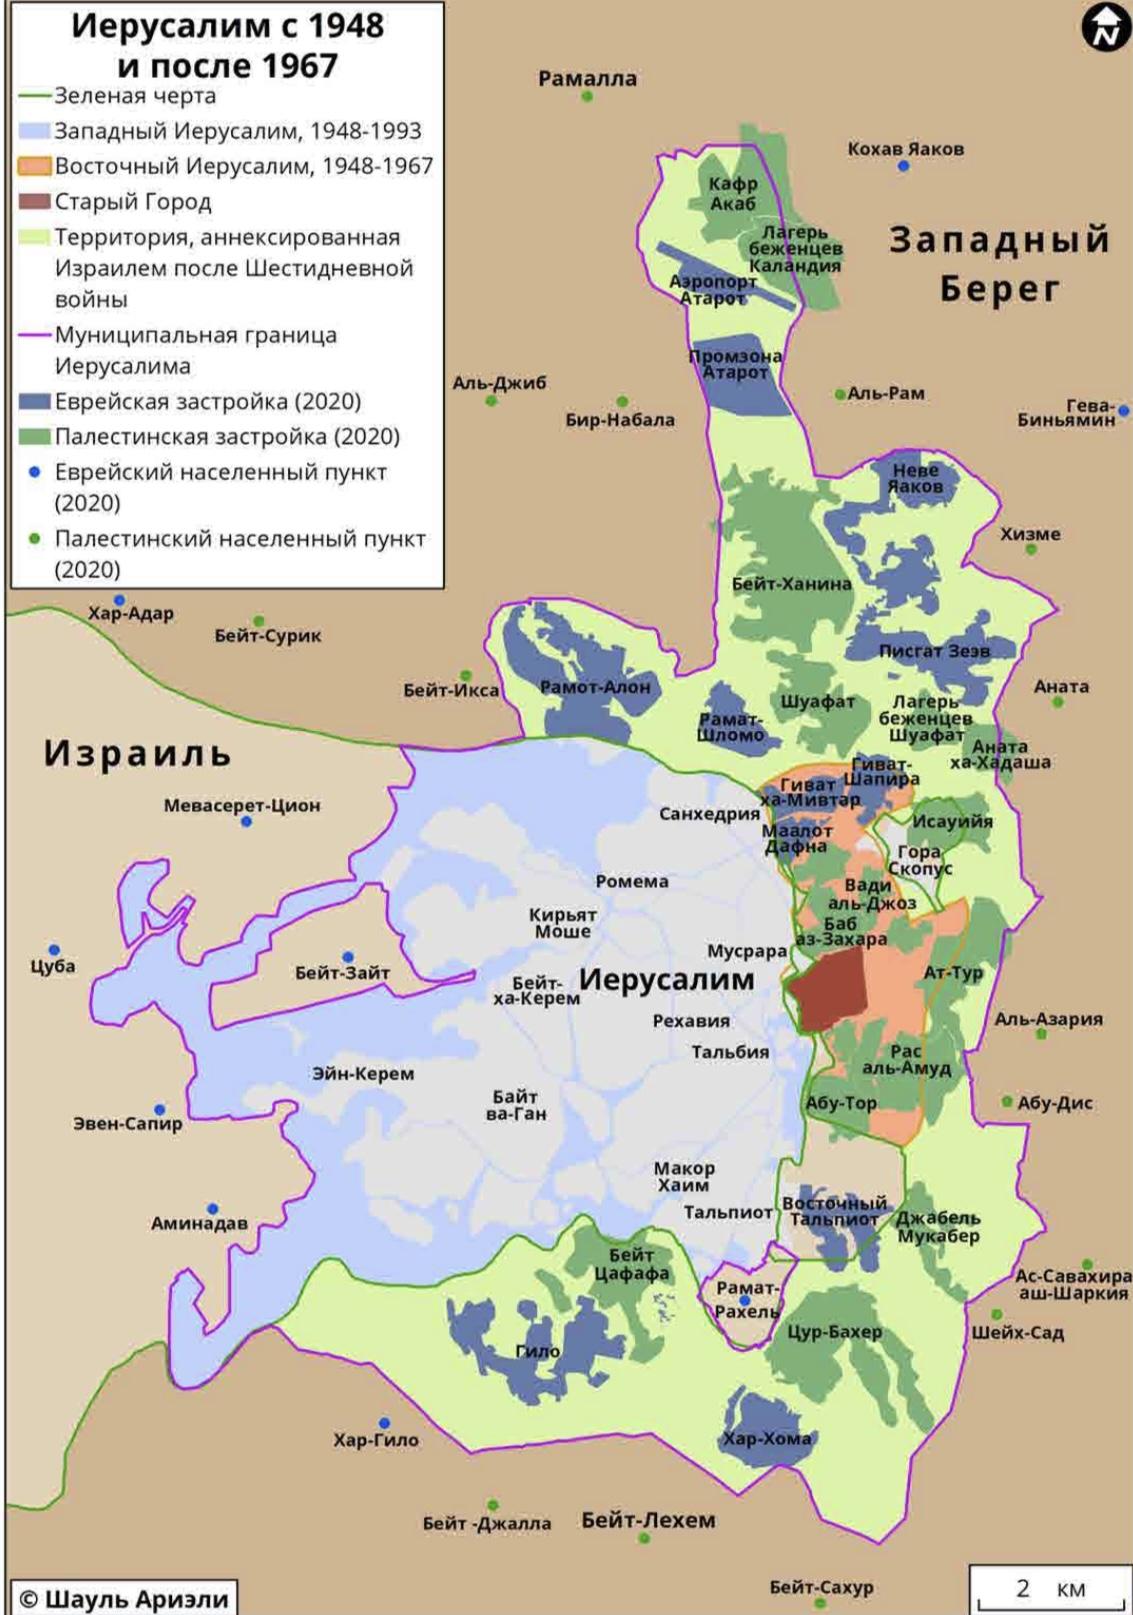 Шауль Ариэли: карта из «Атласа арабо-израильского конфликта»